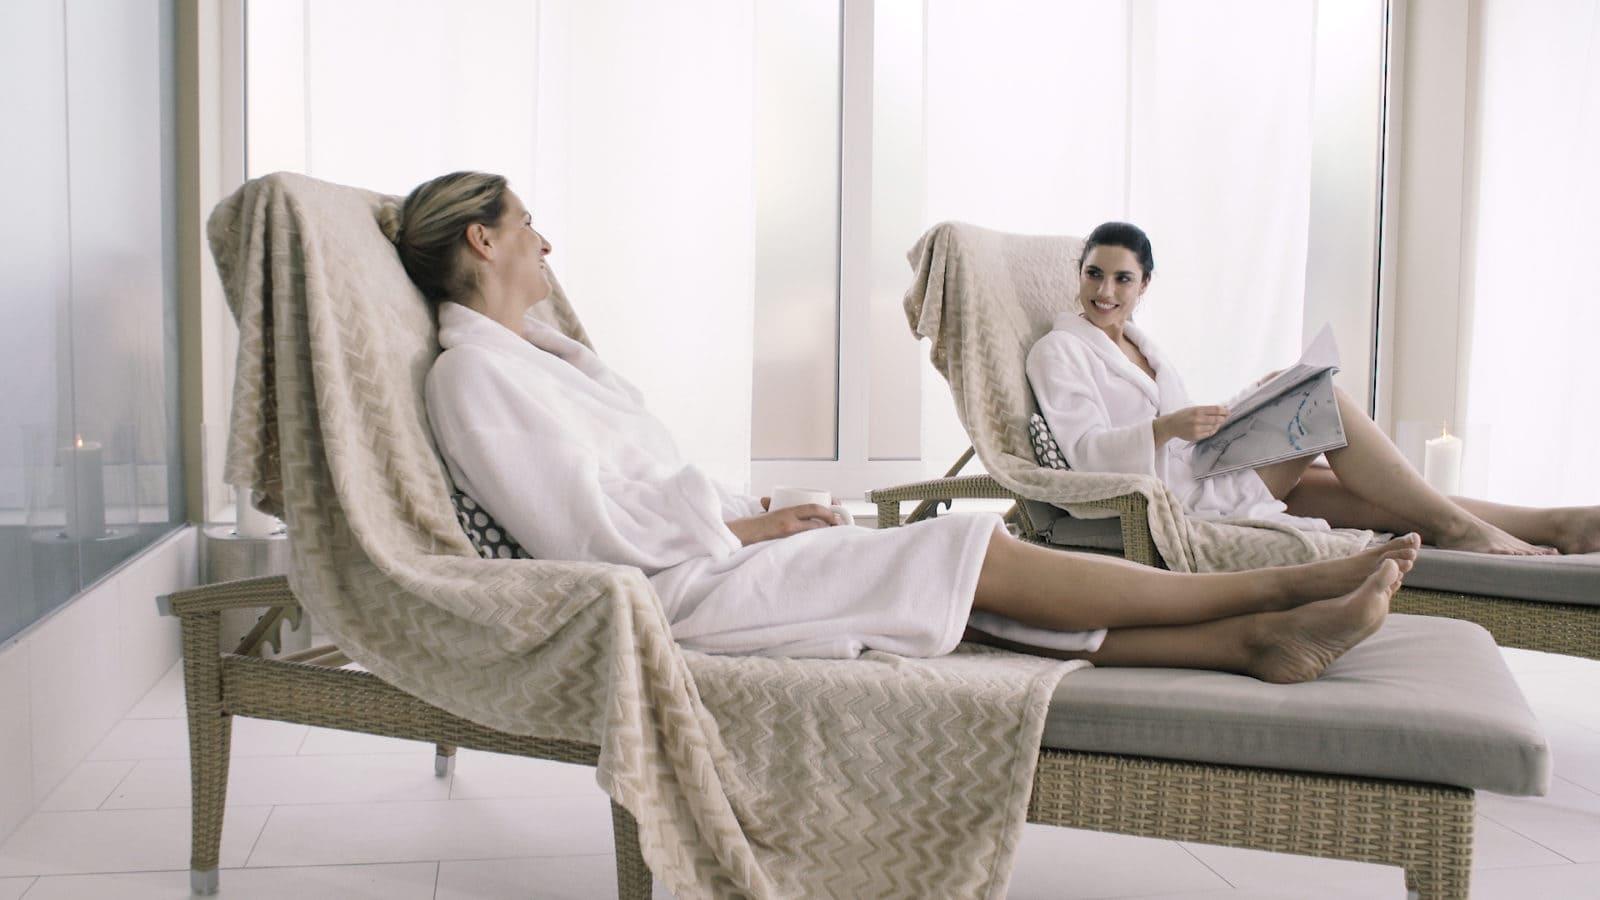 Entspannt im Liegestuhl